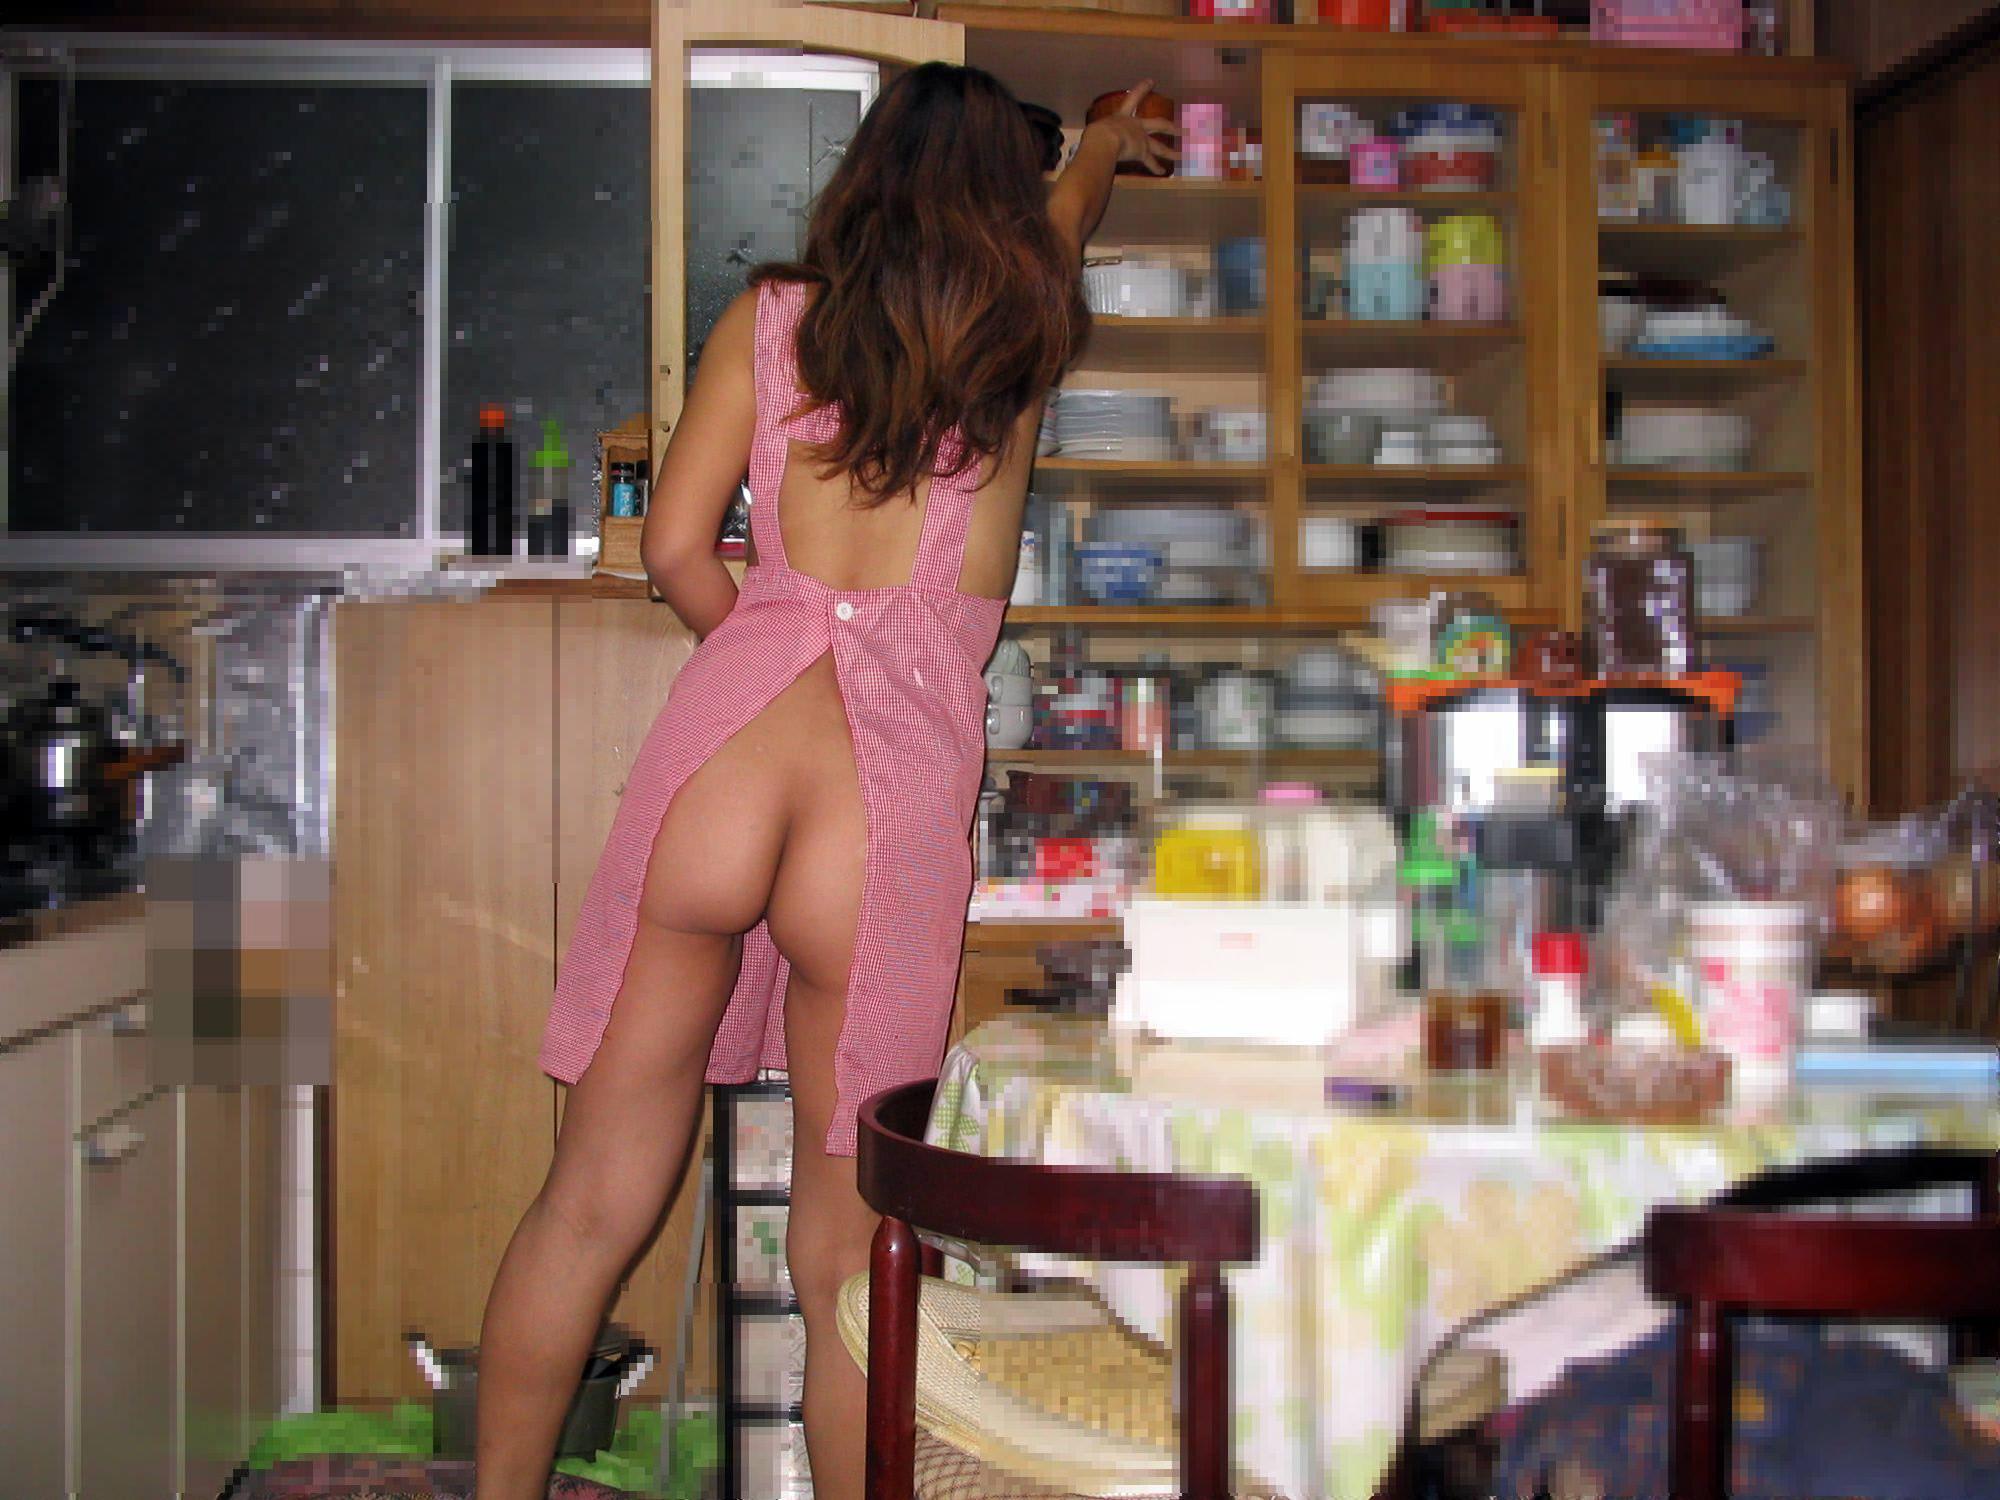 ケツ丸出し熟女の家事エロ画像05